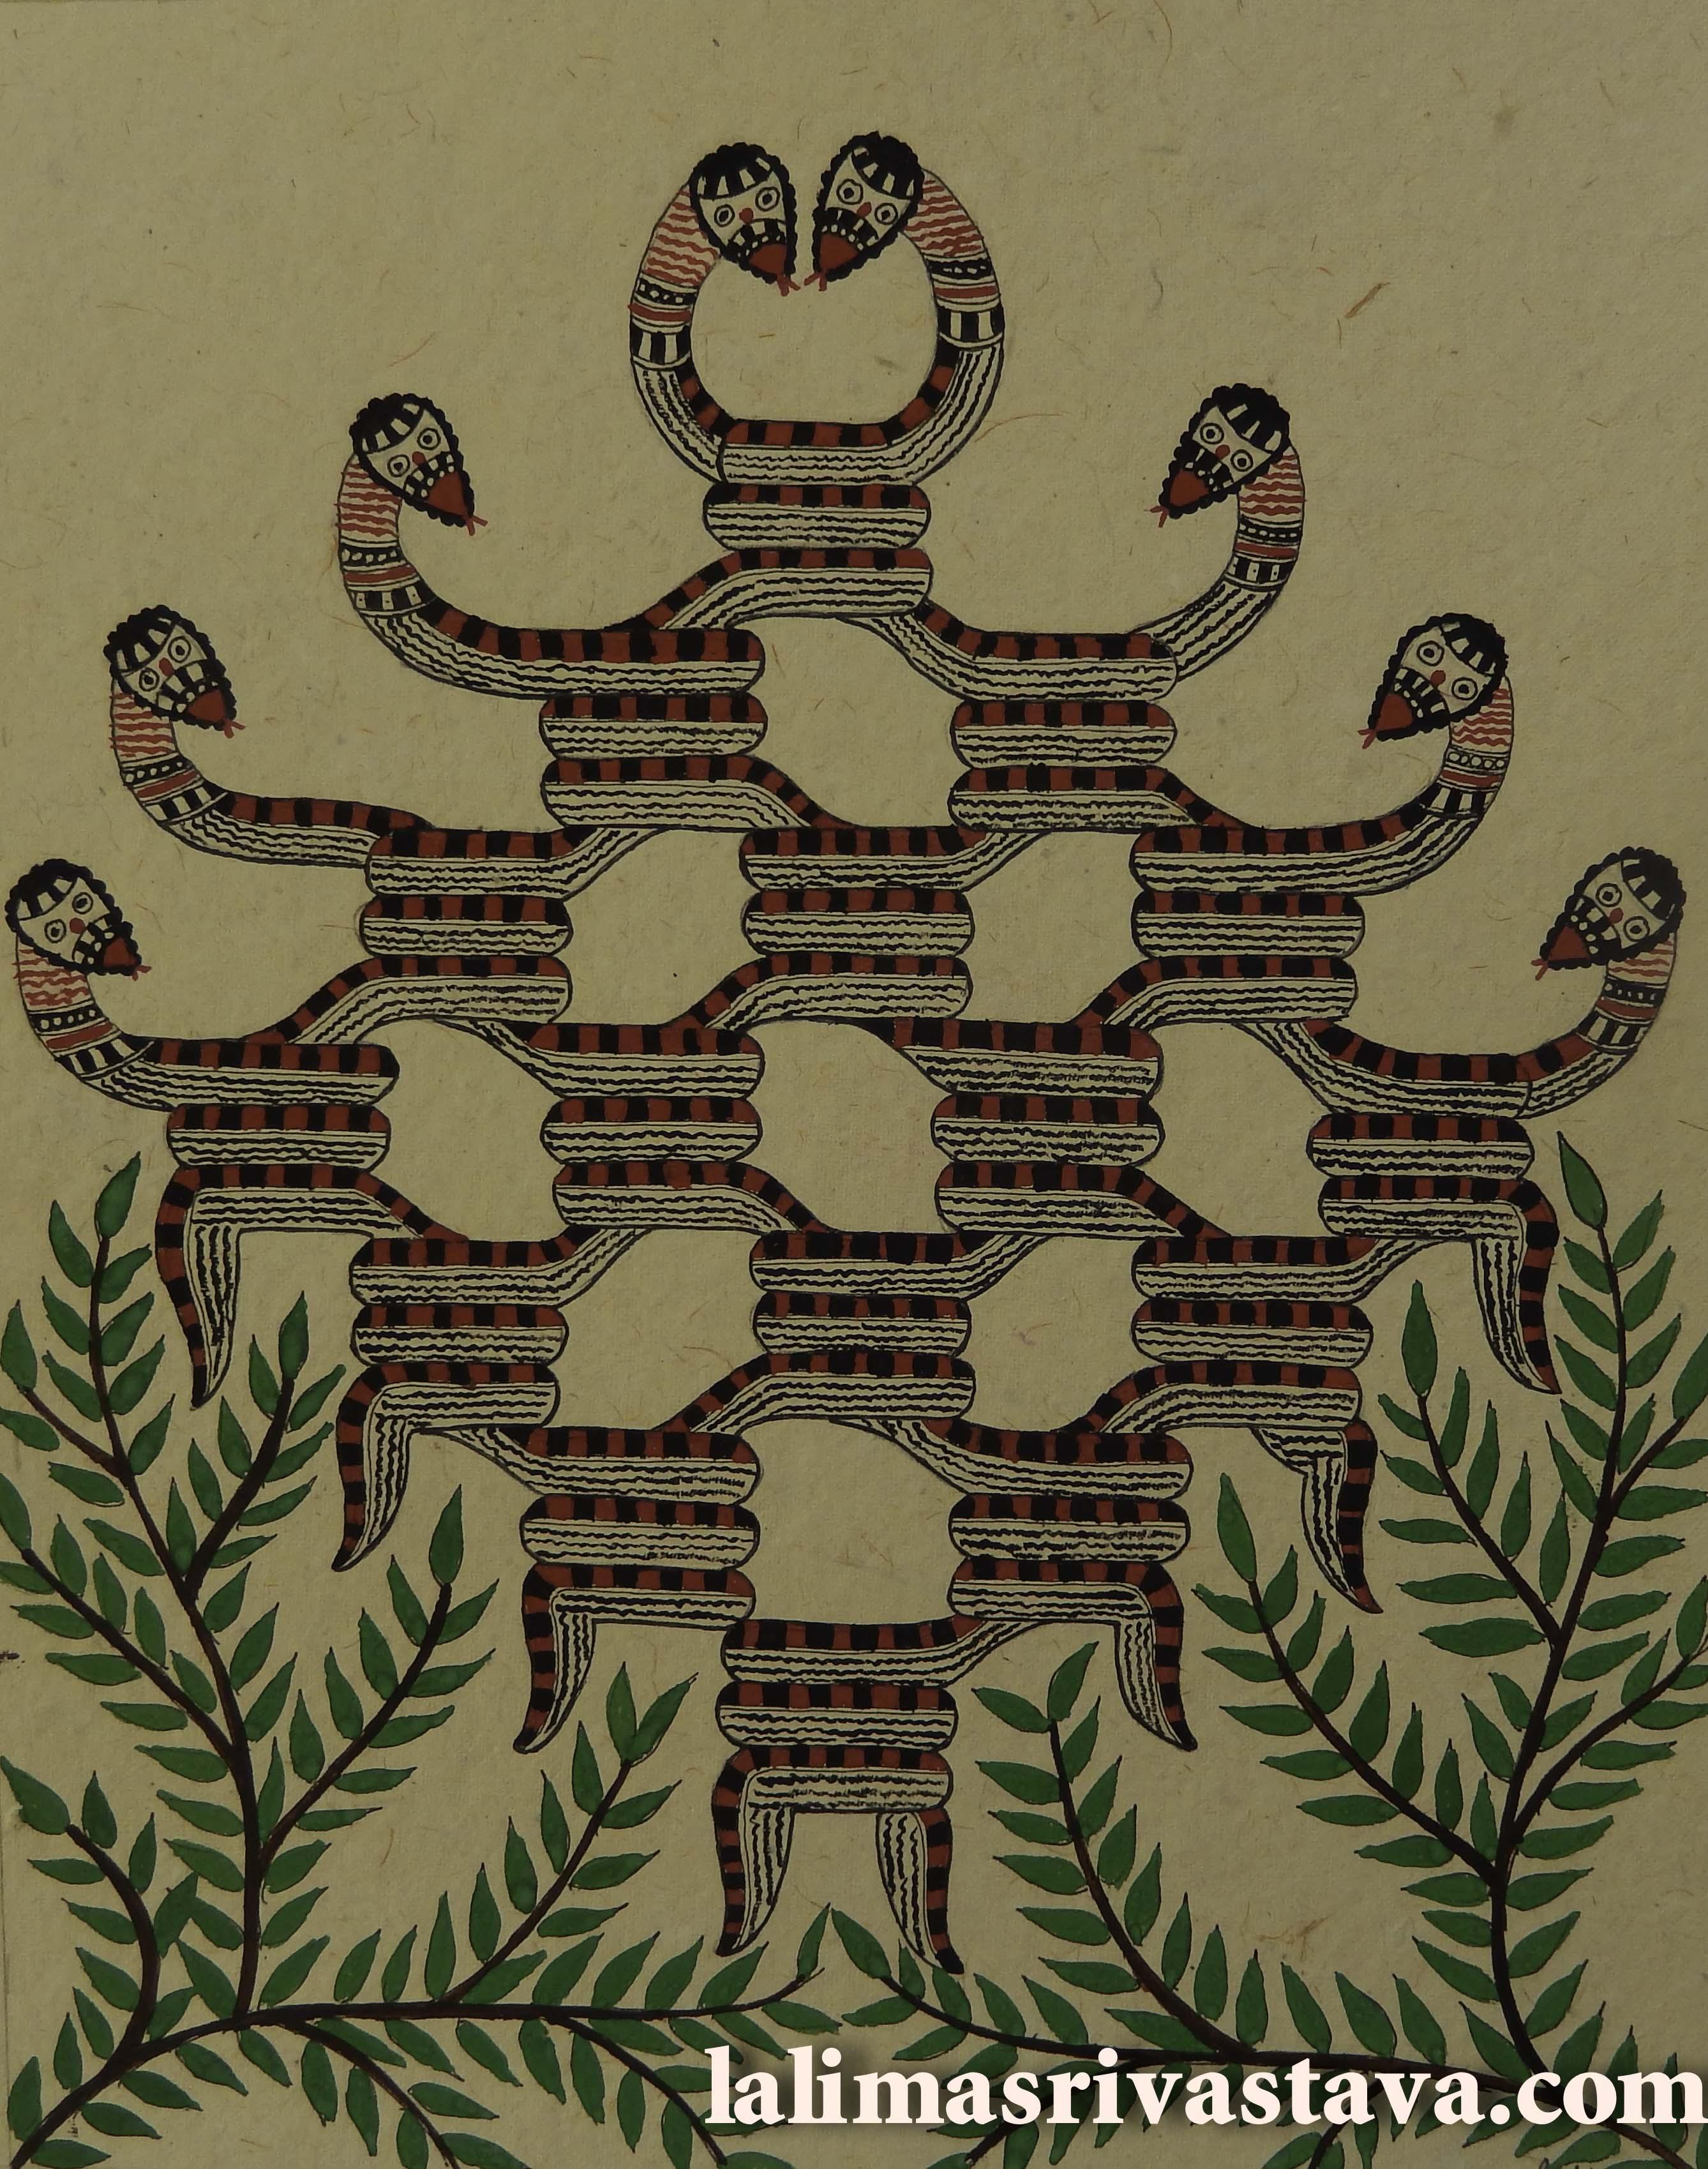 Entangled snakes